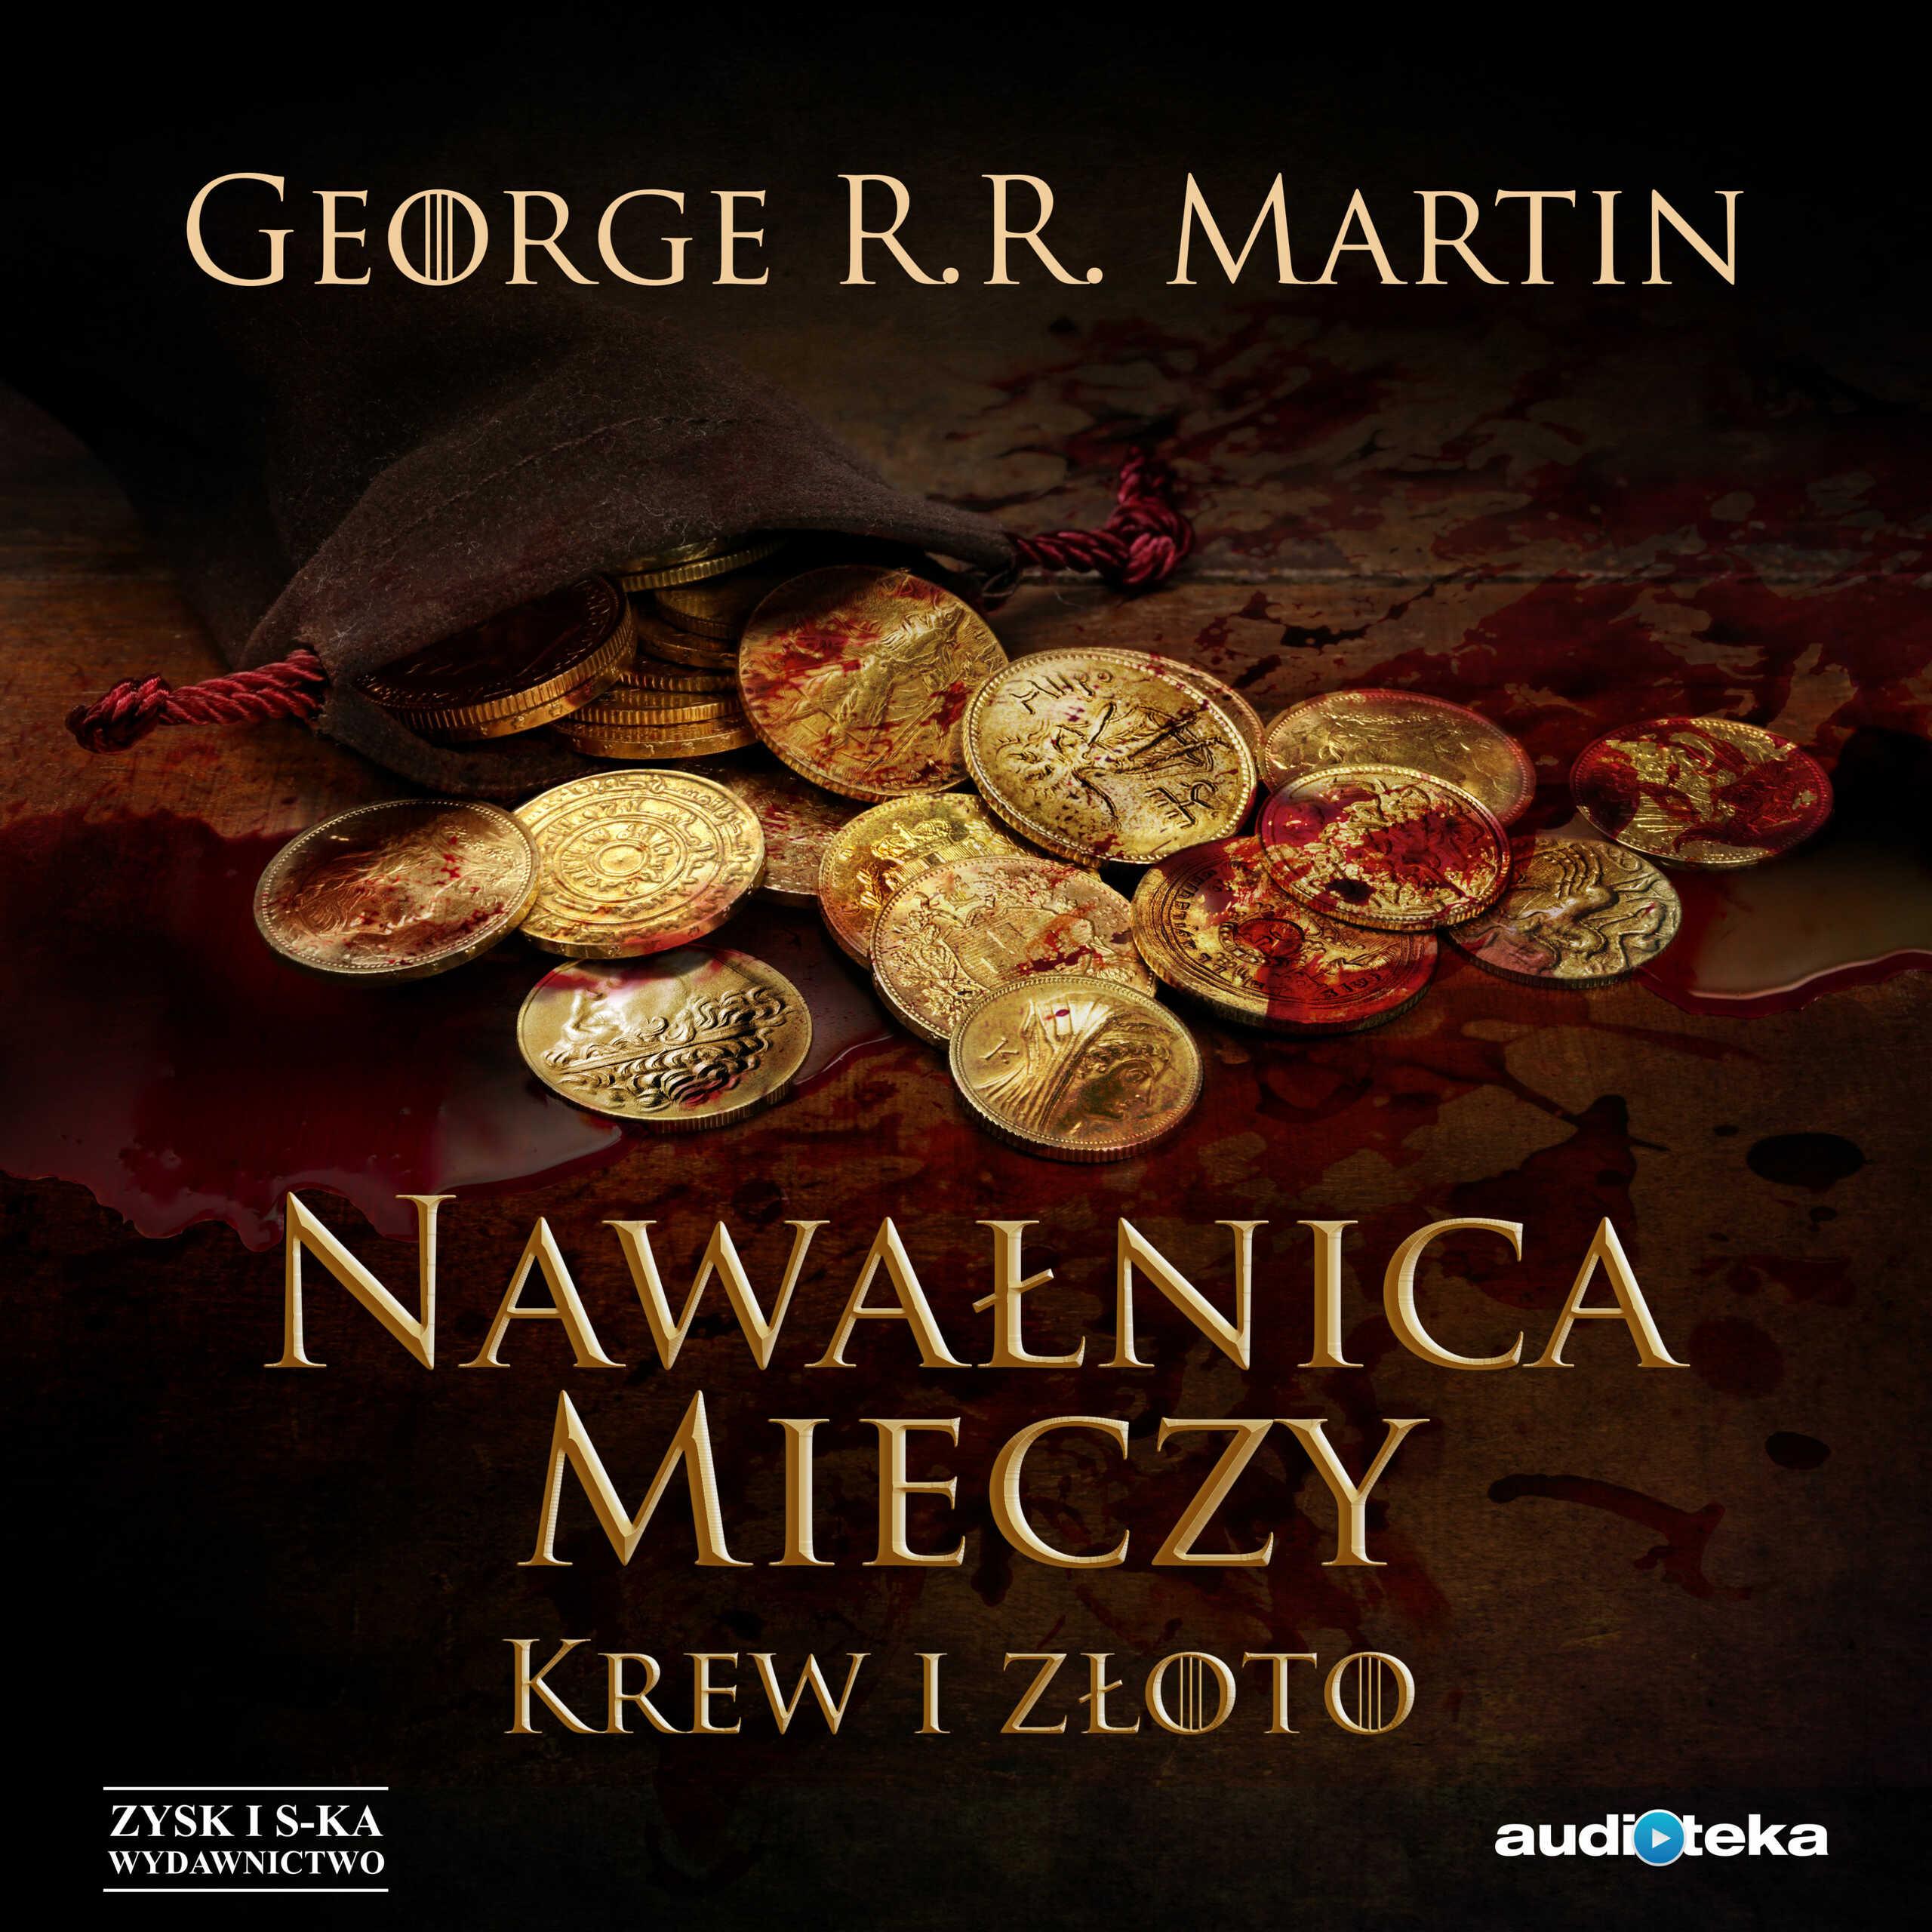 Nawałnica mieczy: Krew i złoto - George R.R Martin - audiobook